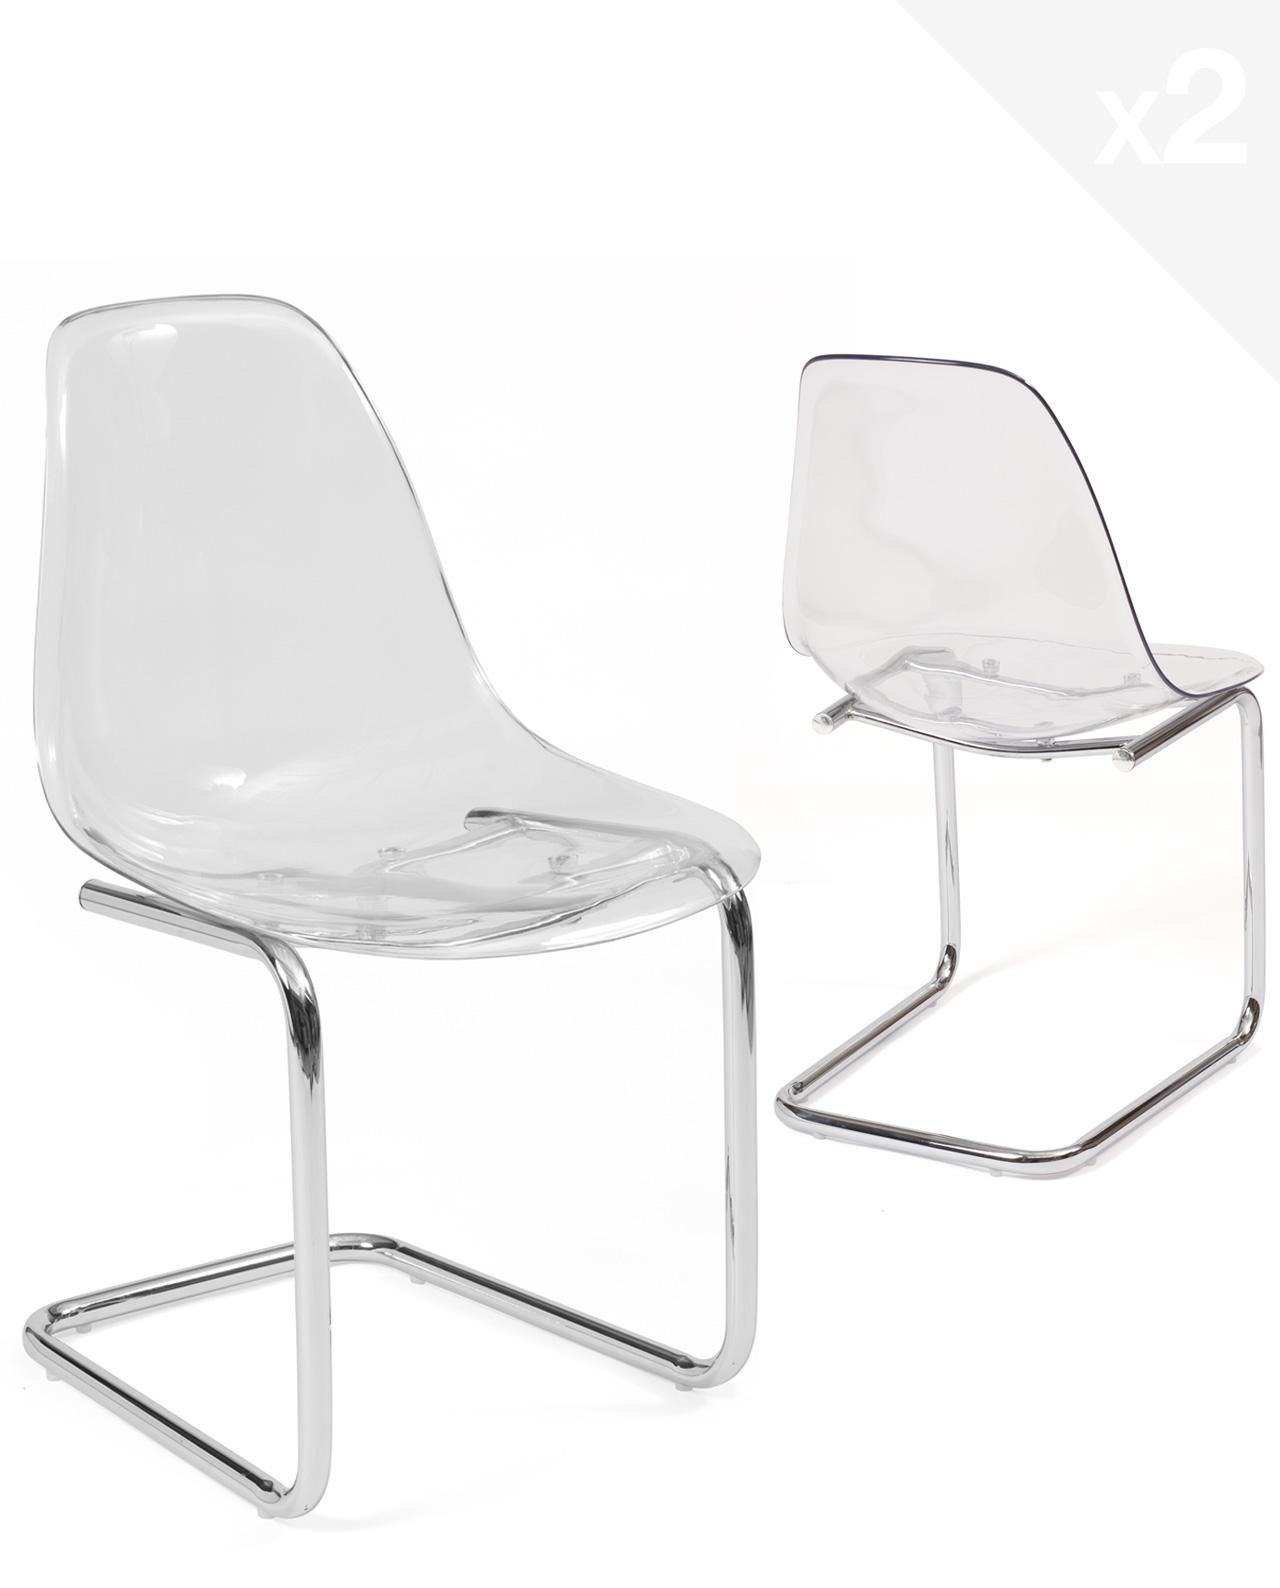 Chaise transparente pied chrome MEO - Lot de 7